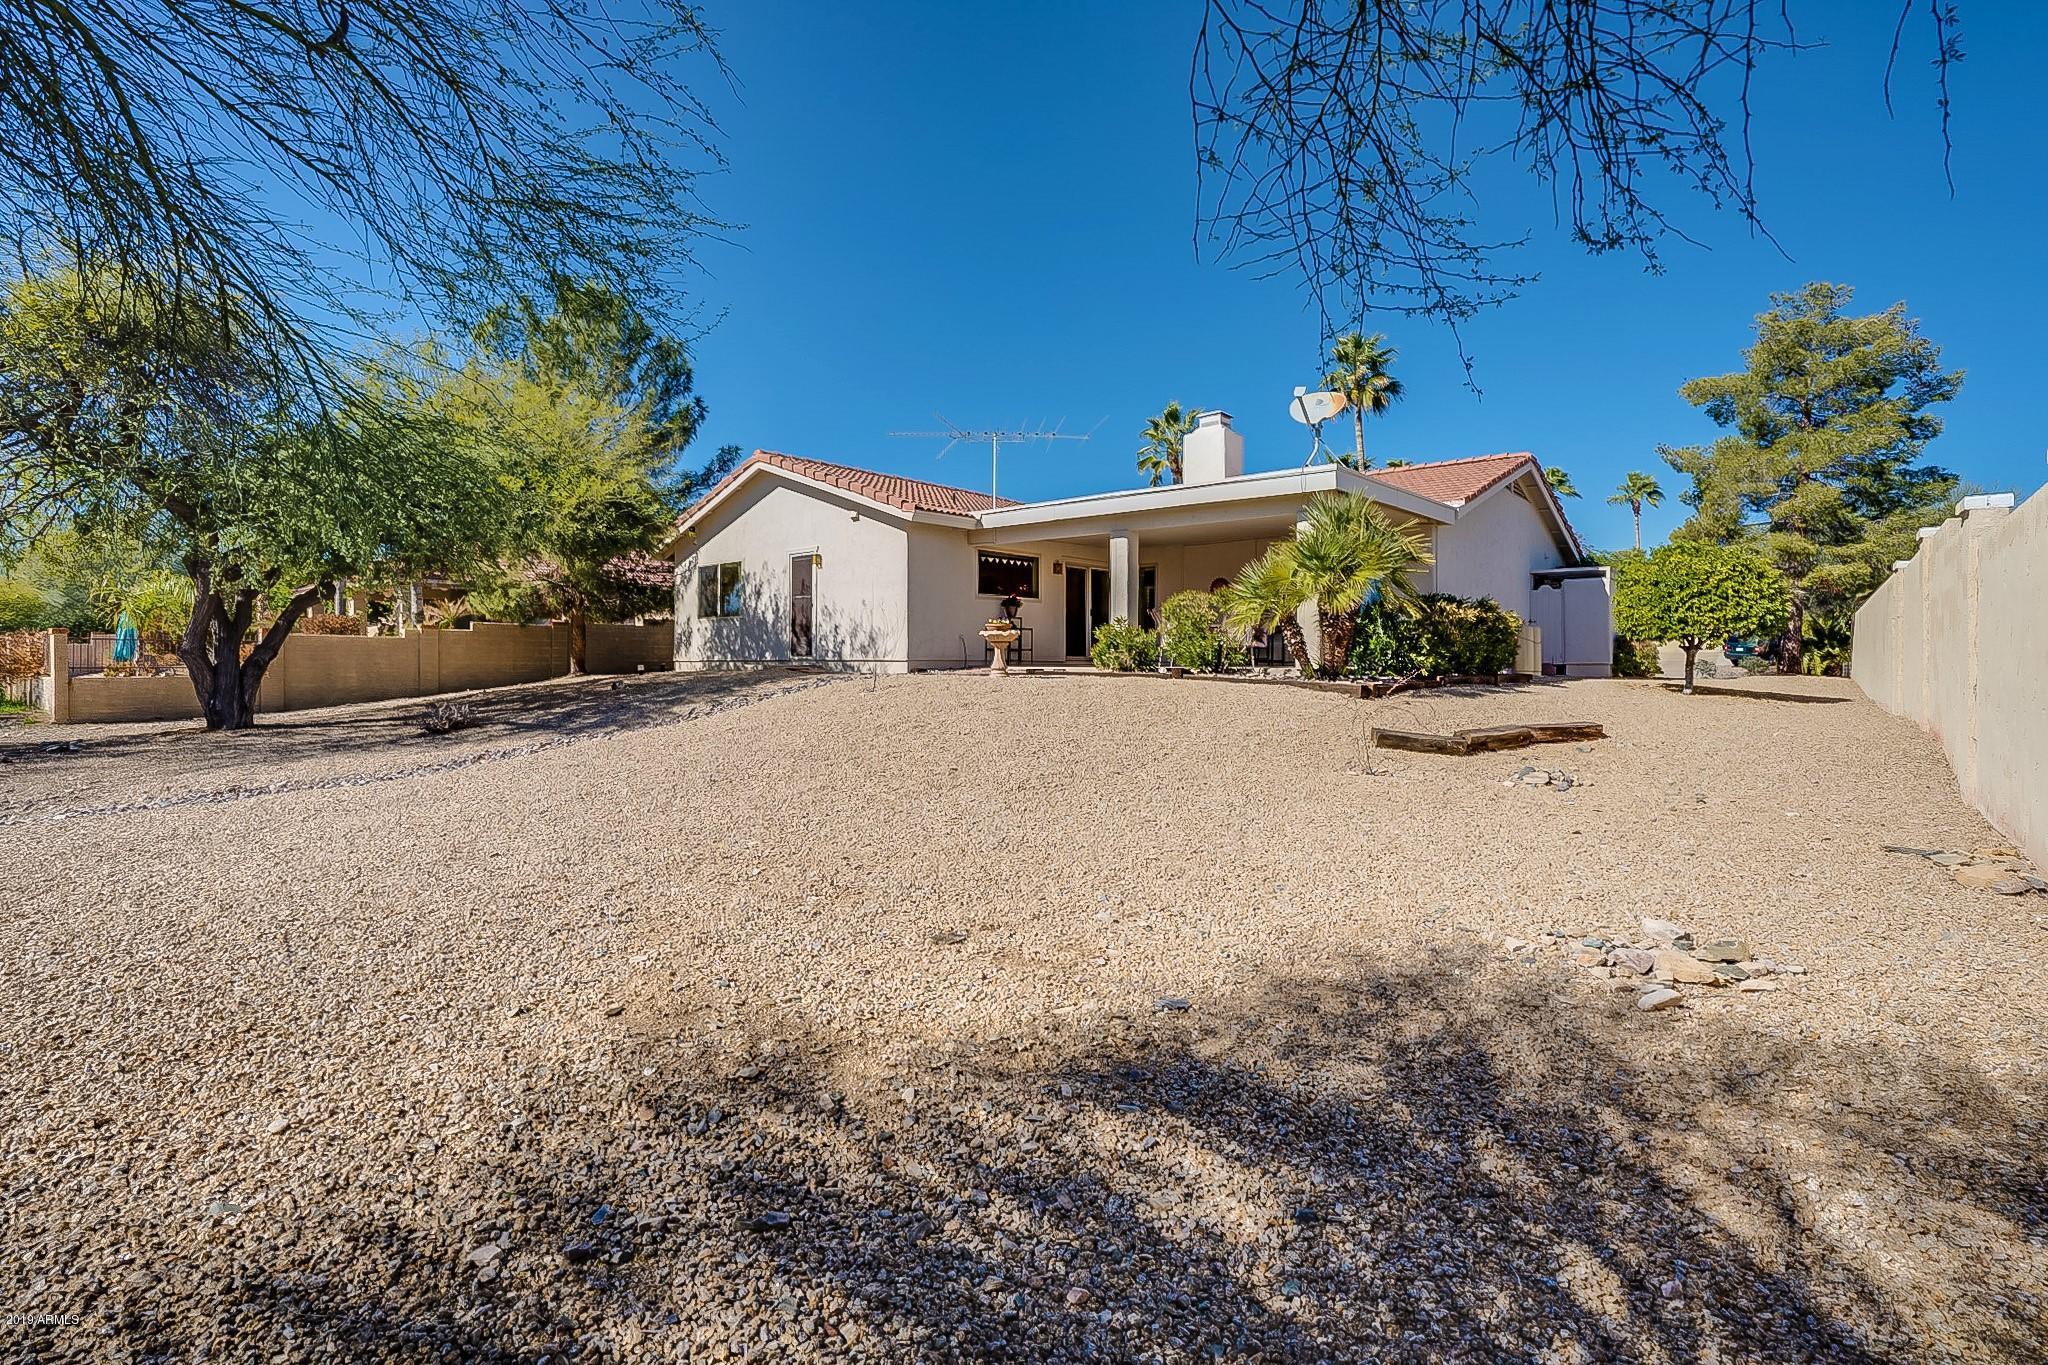 MLS 5880104 17425 E CALIENTE Drive, Fountain Hills, AZ 85268 Fountain Hills AZ Affordable